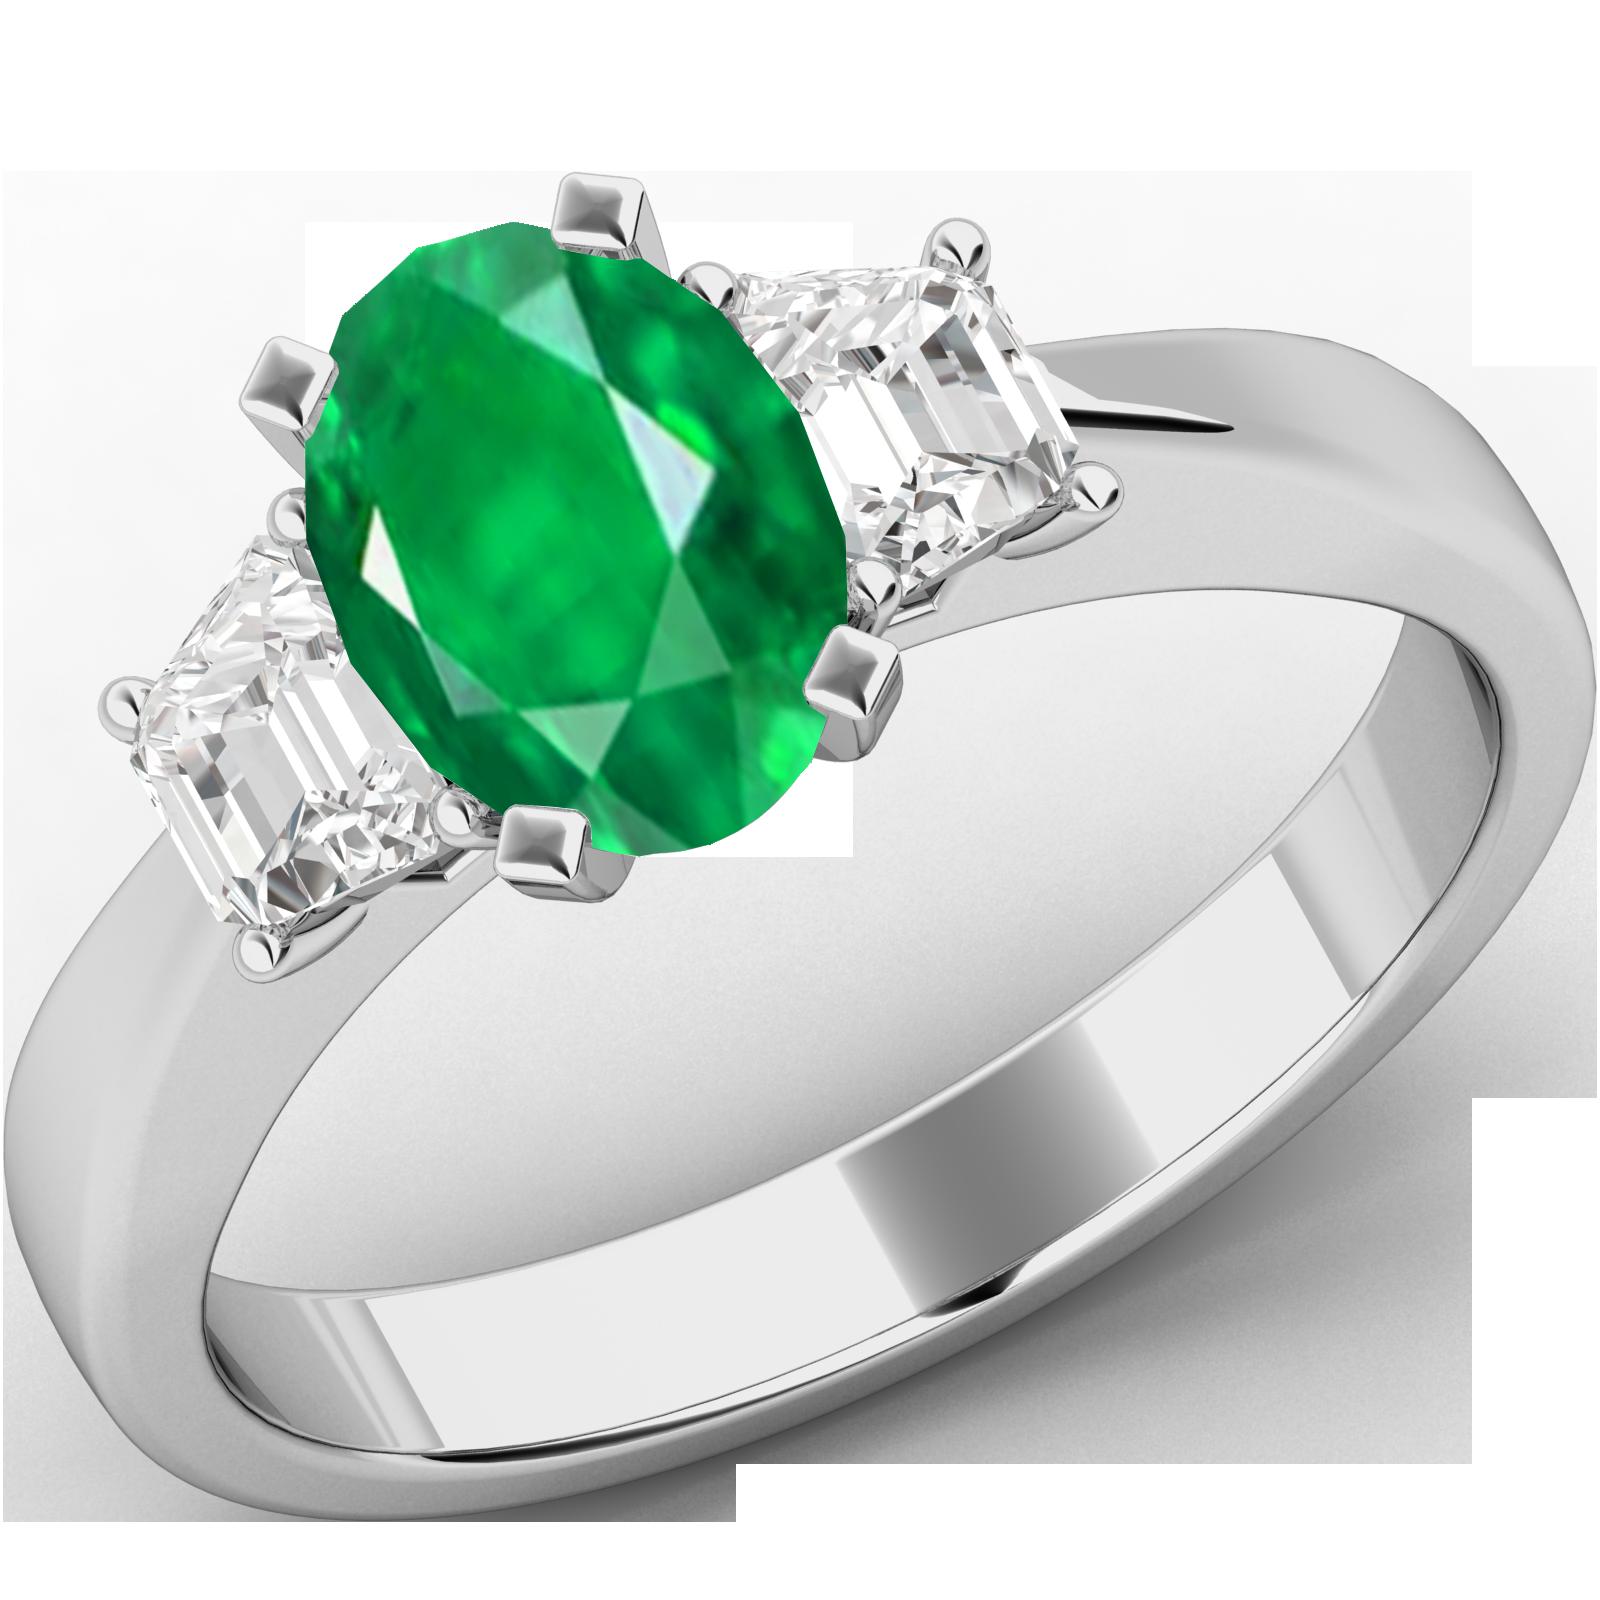 RDM714W-Inel cu Smarald si Diamante Dama Aur Alb 18kt cu un Smarald Central Forma Ovala si Doua Diamante in Forma de Trapez-img1